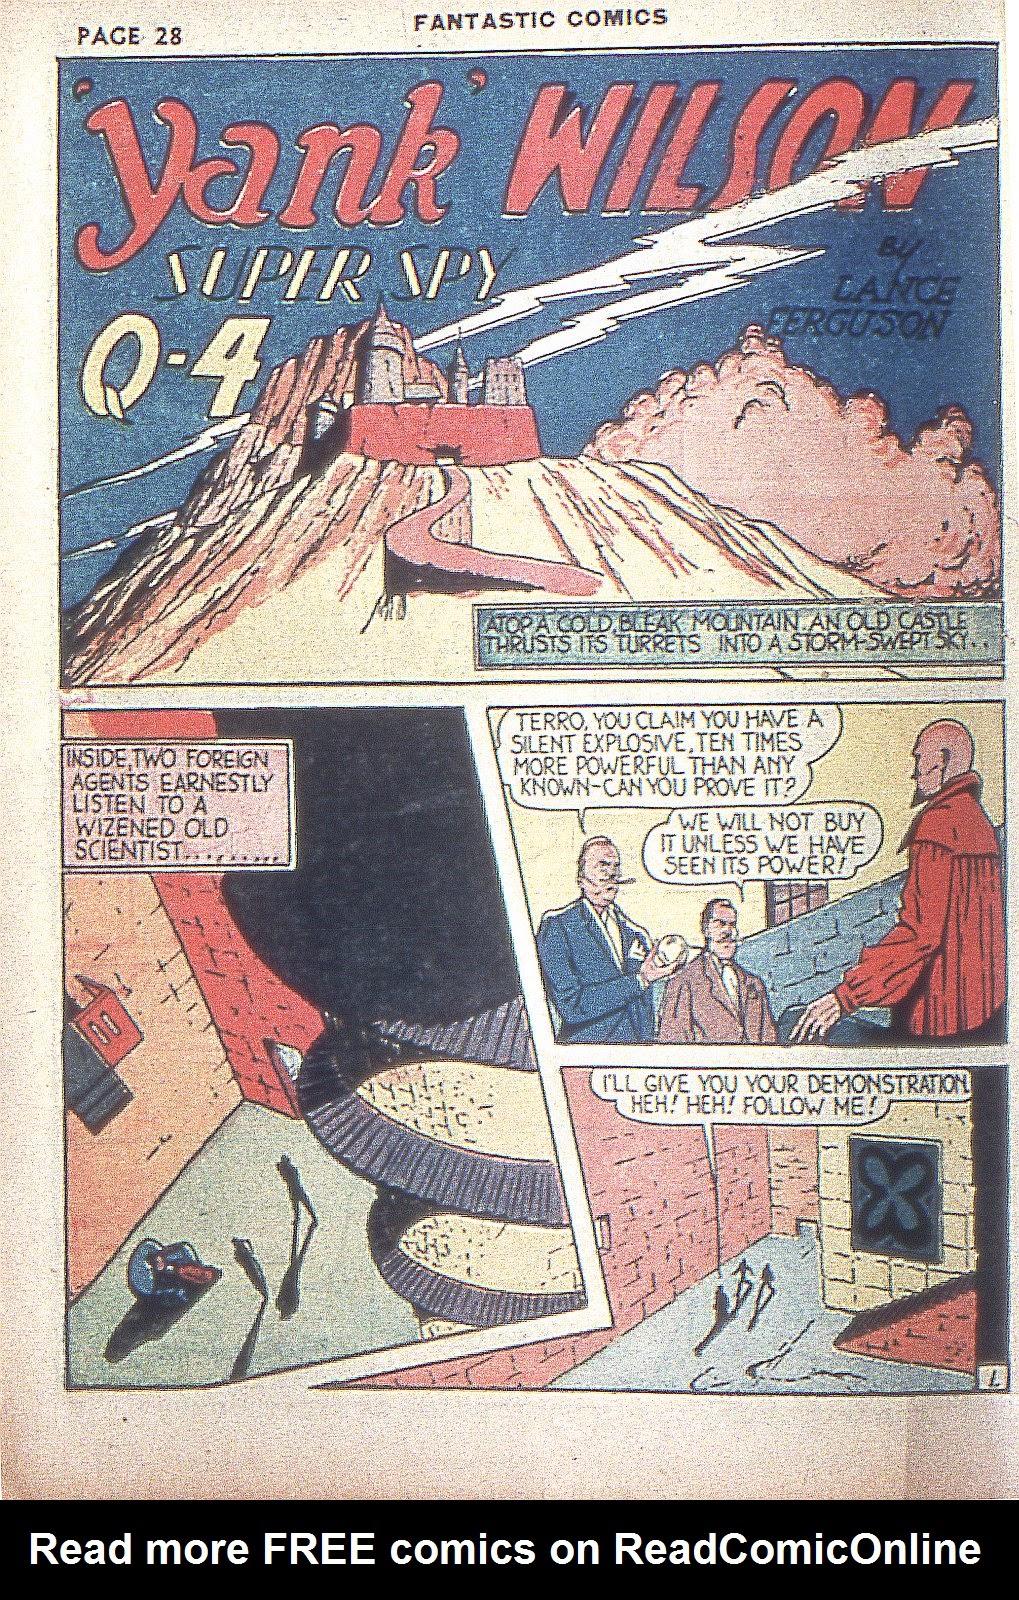 Read online Fantastic Comics comic -  Issue #4 - 30